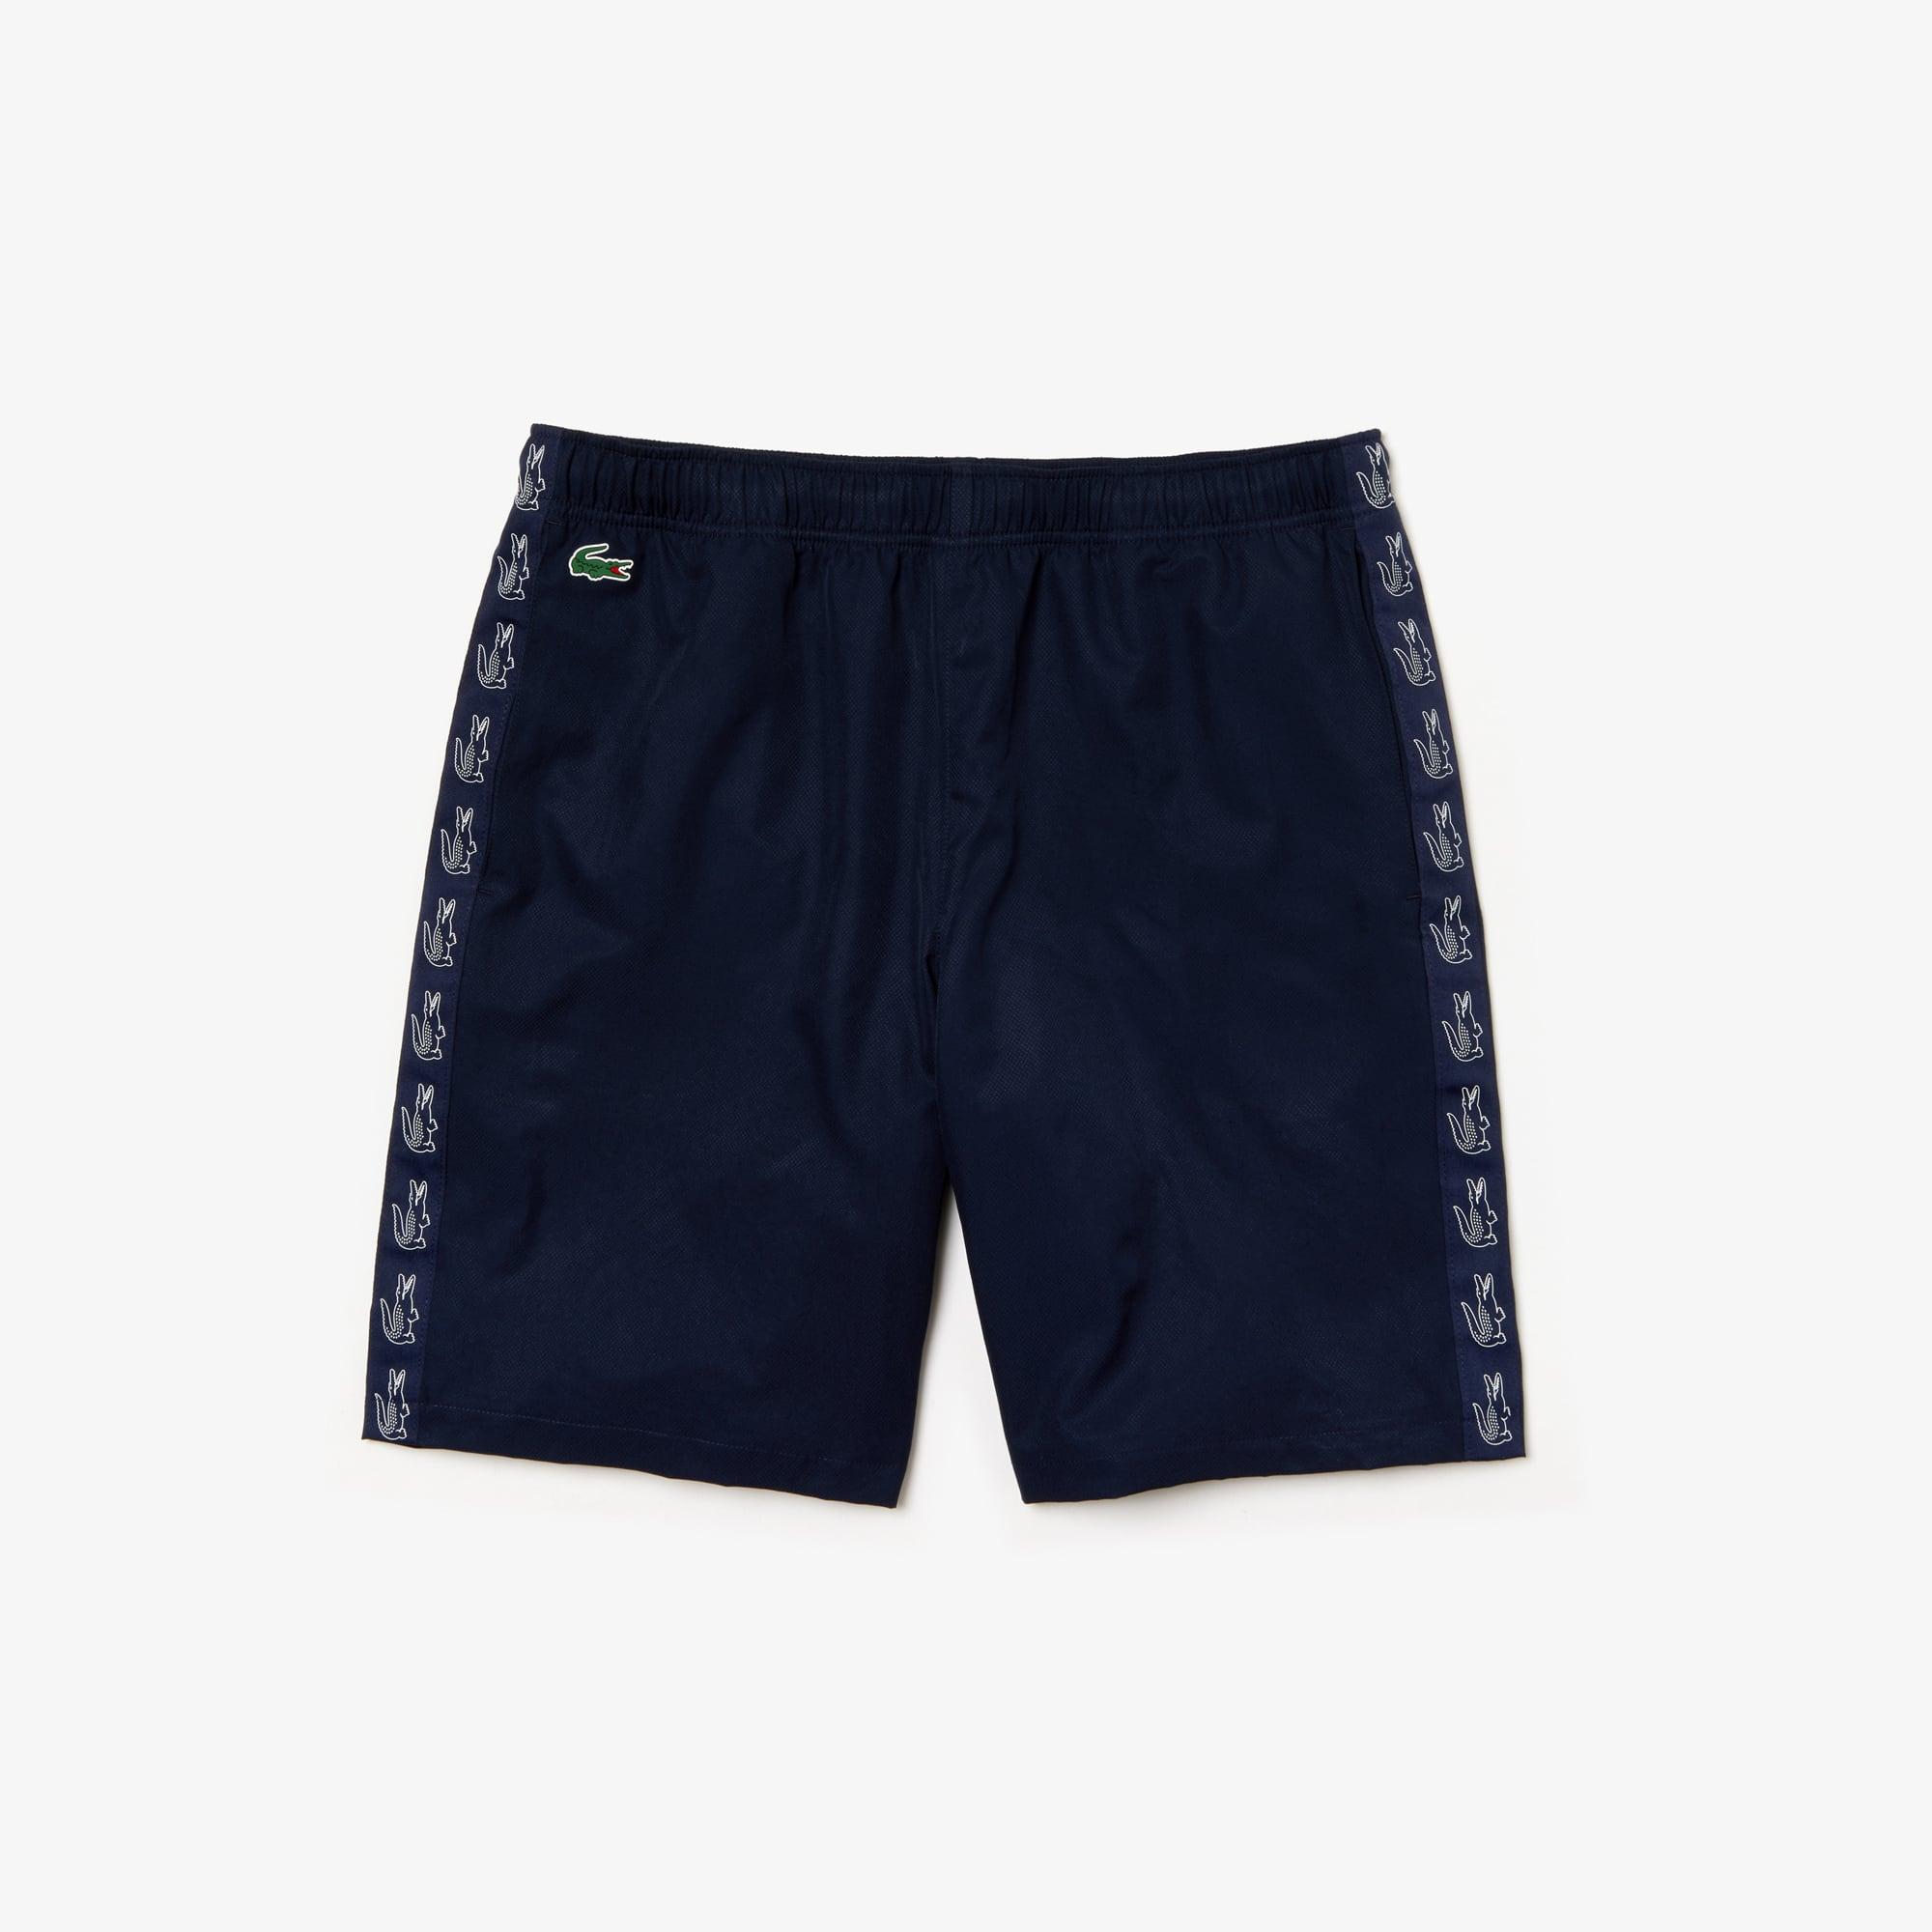 Croc Lightweight Sport Shorts Tennis Band Lacoste Print Men's sxCthrdQ